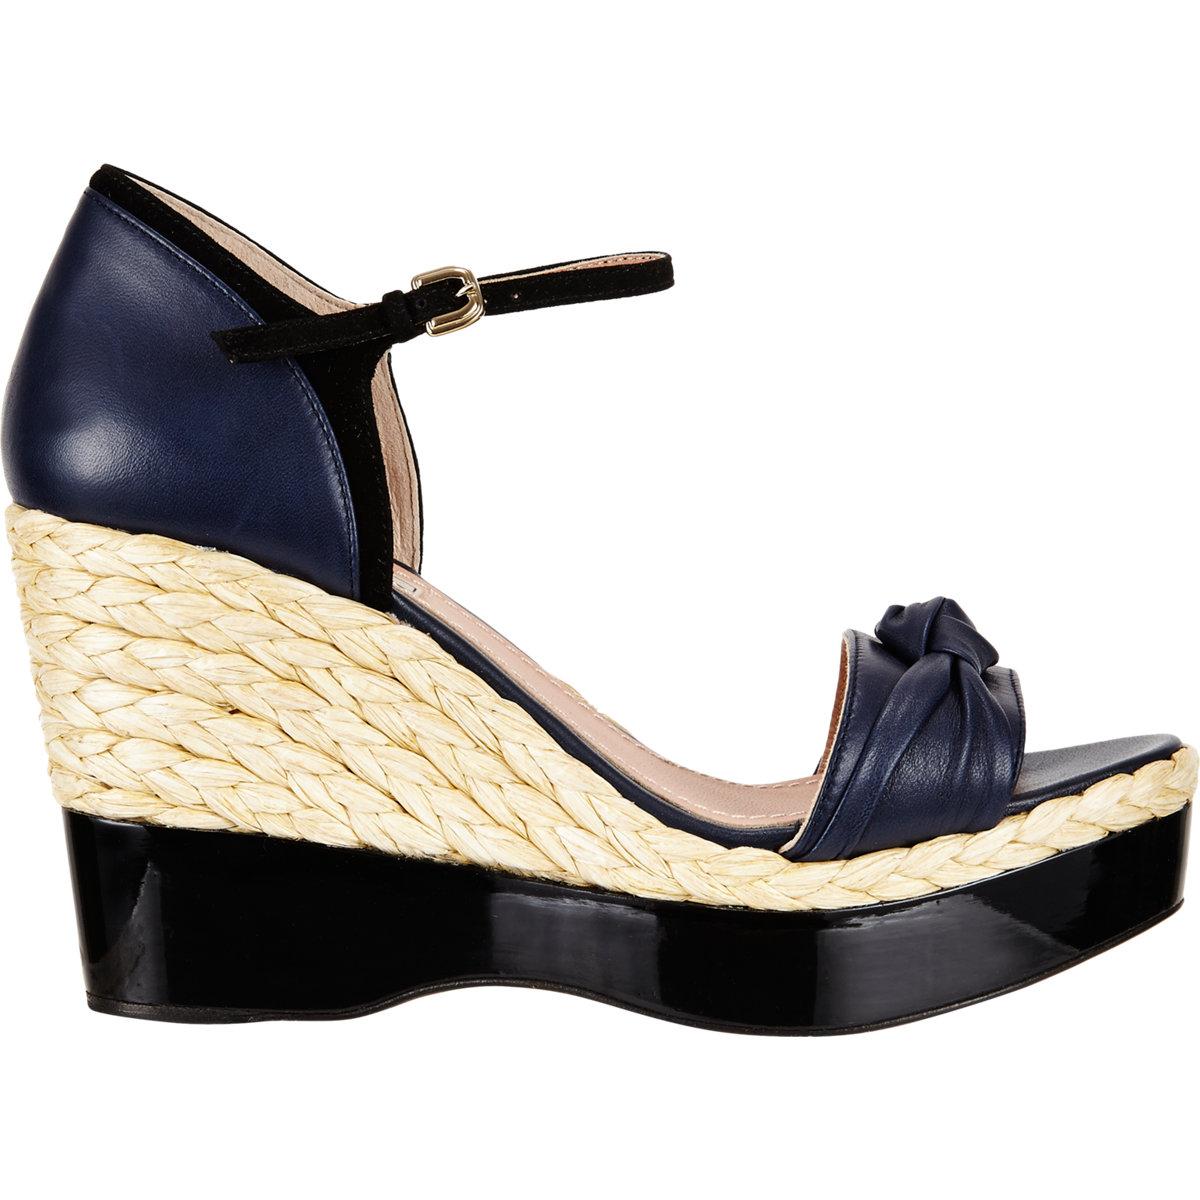 Chaussures - Espadrilles Nina Ricci 2qtvQVWql